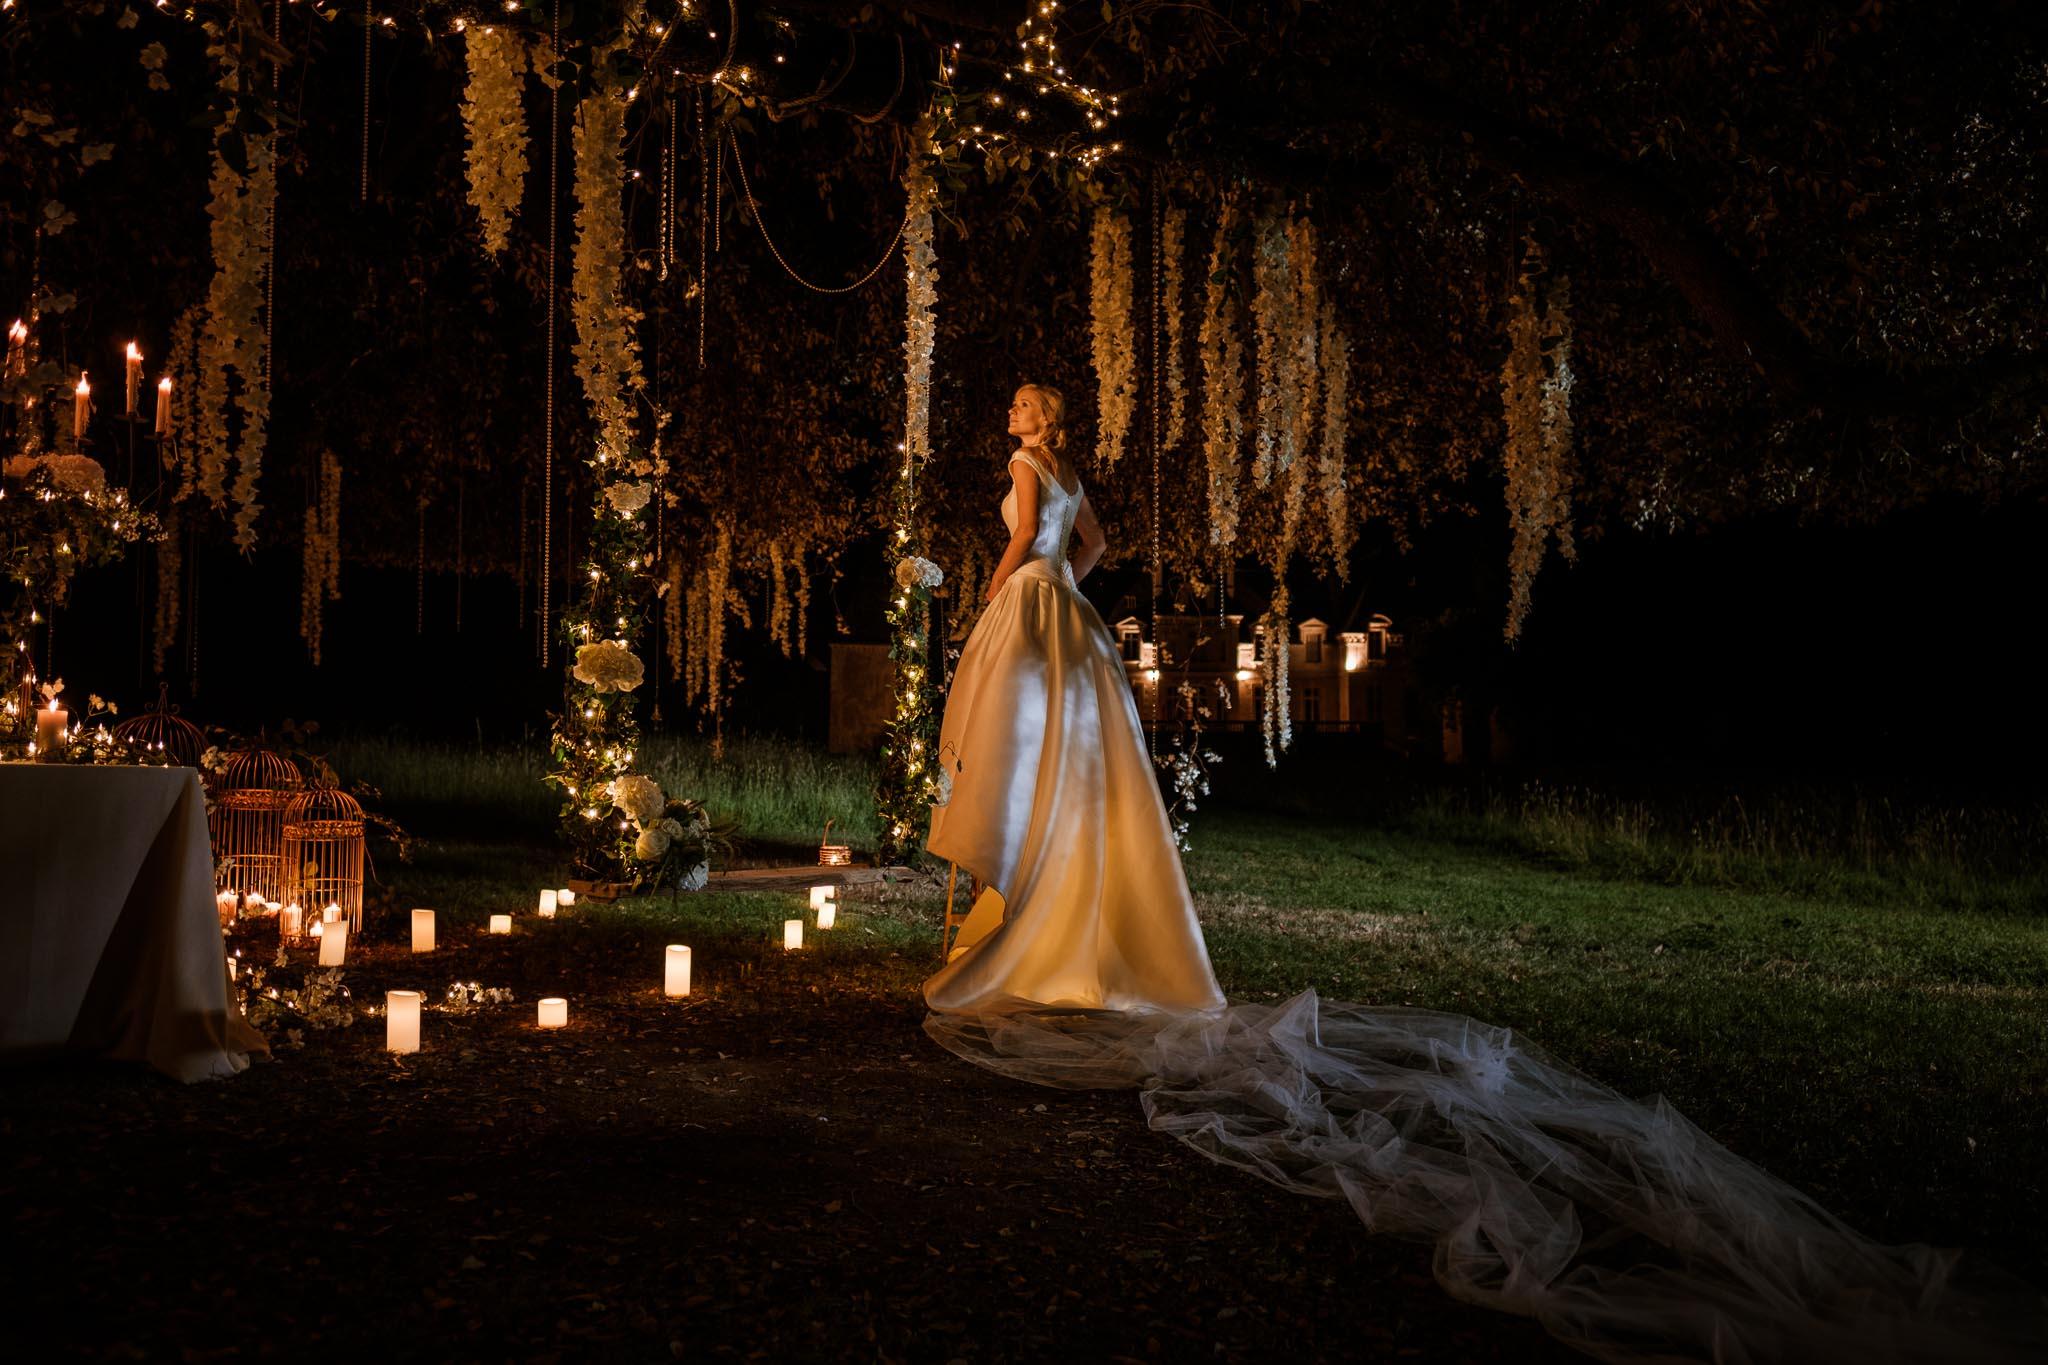 photos d'une séance couple mise en scène après mariage, prises de nuit, au sein d'un décor onirique de conte de fée, au Château de Vair à Anetz par Geoffrey Arnoldy photographe